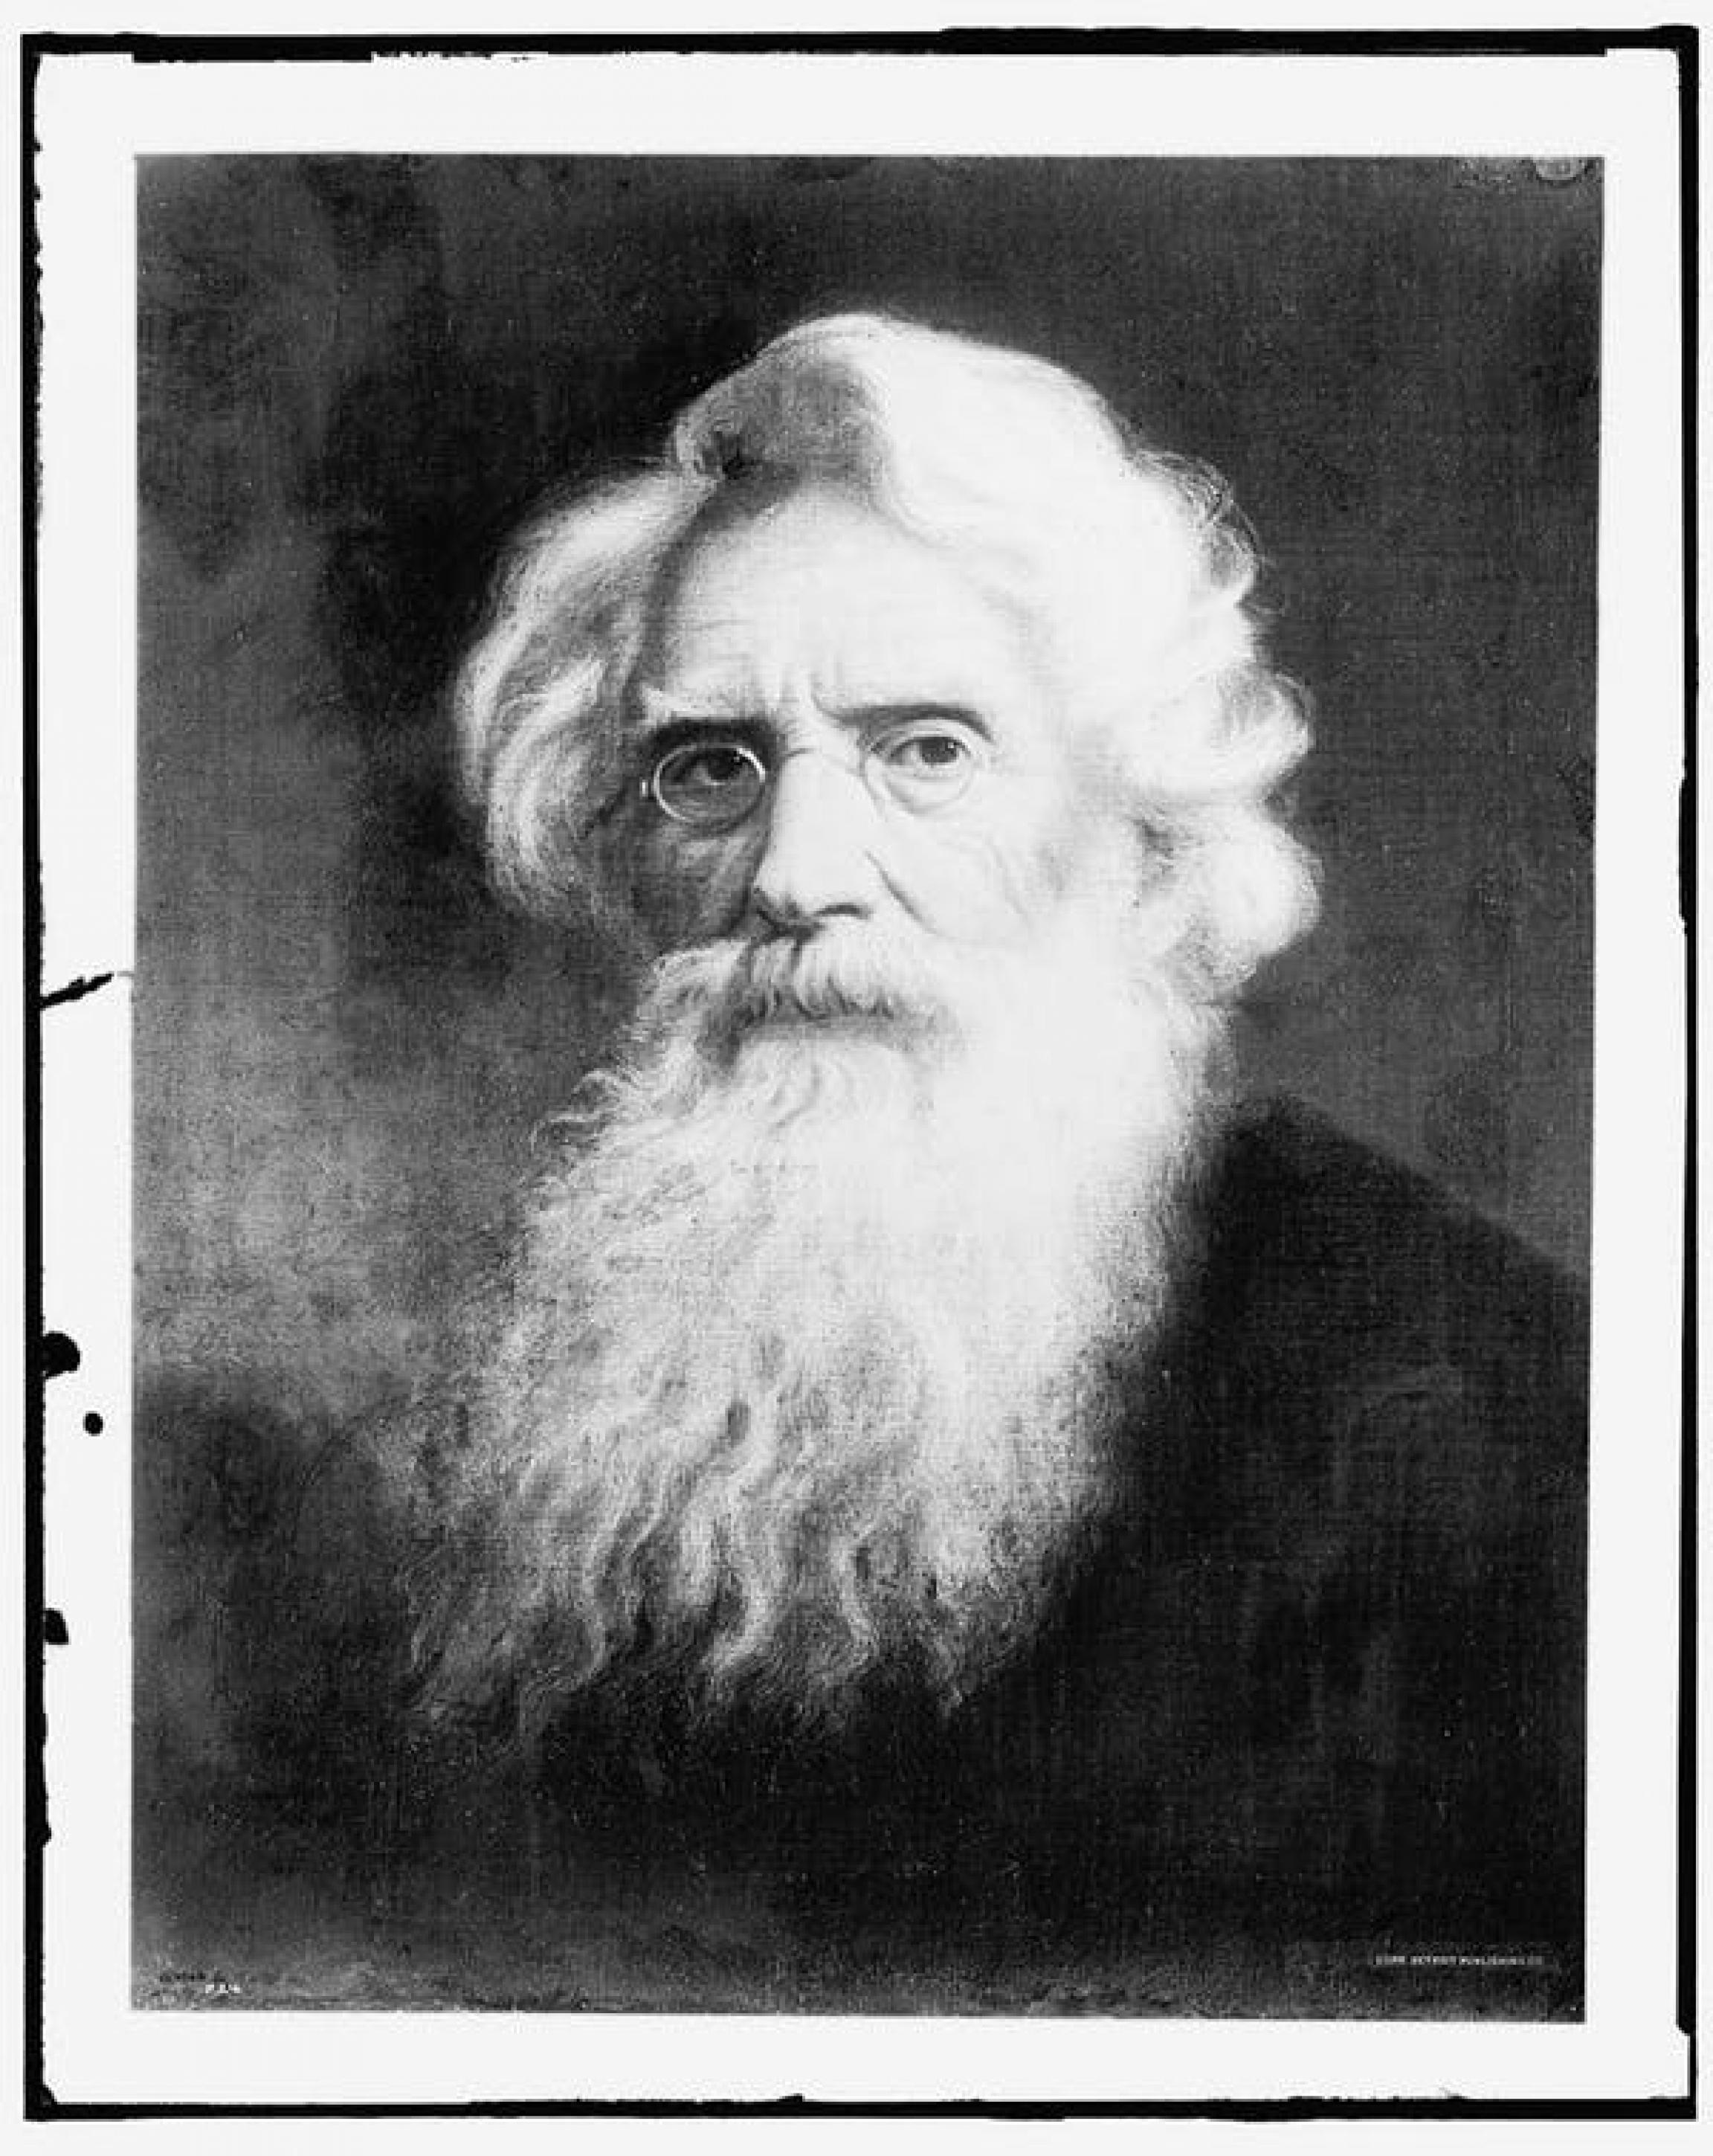 Samuel Morse portrait